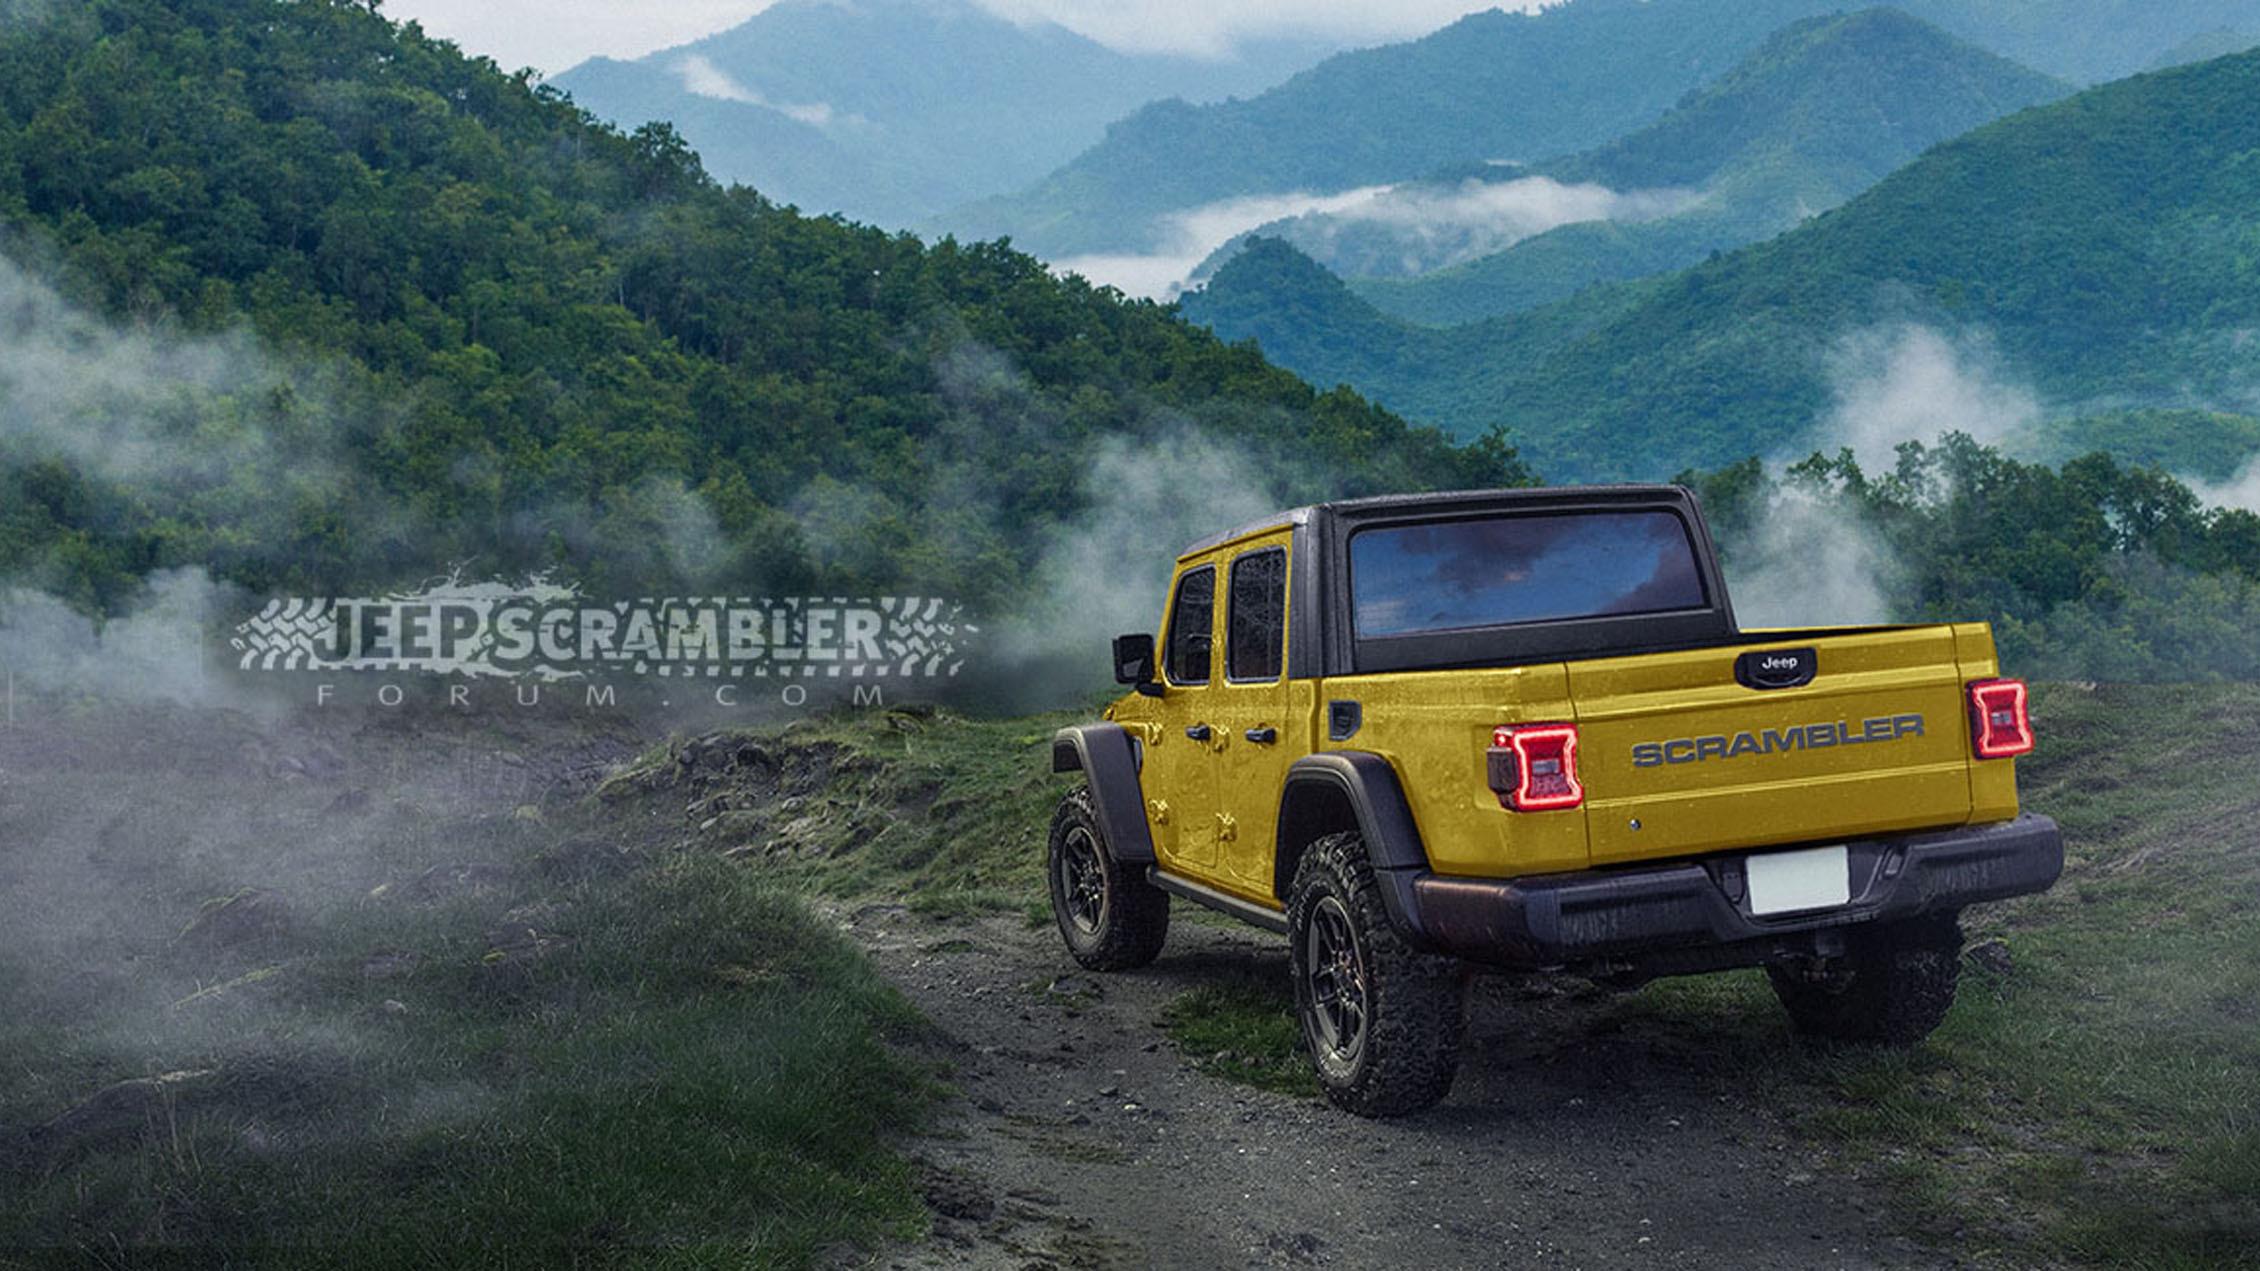 jt-jeep-wrangler-pickup-scrambler-rear-yellow-1